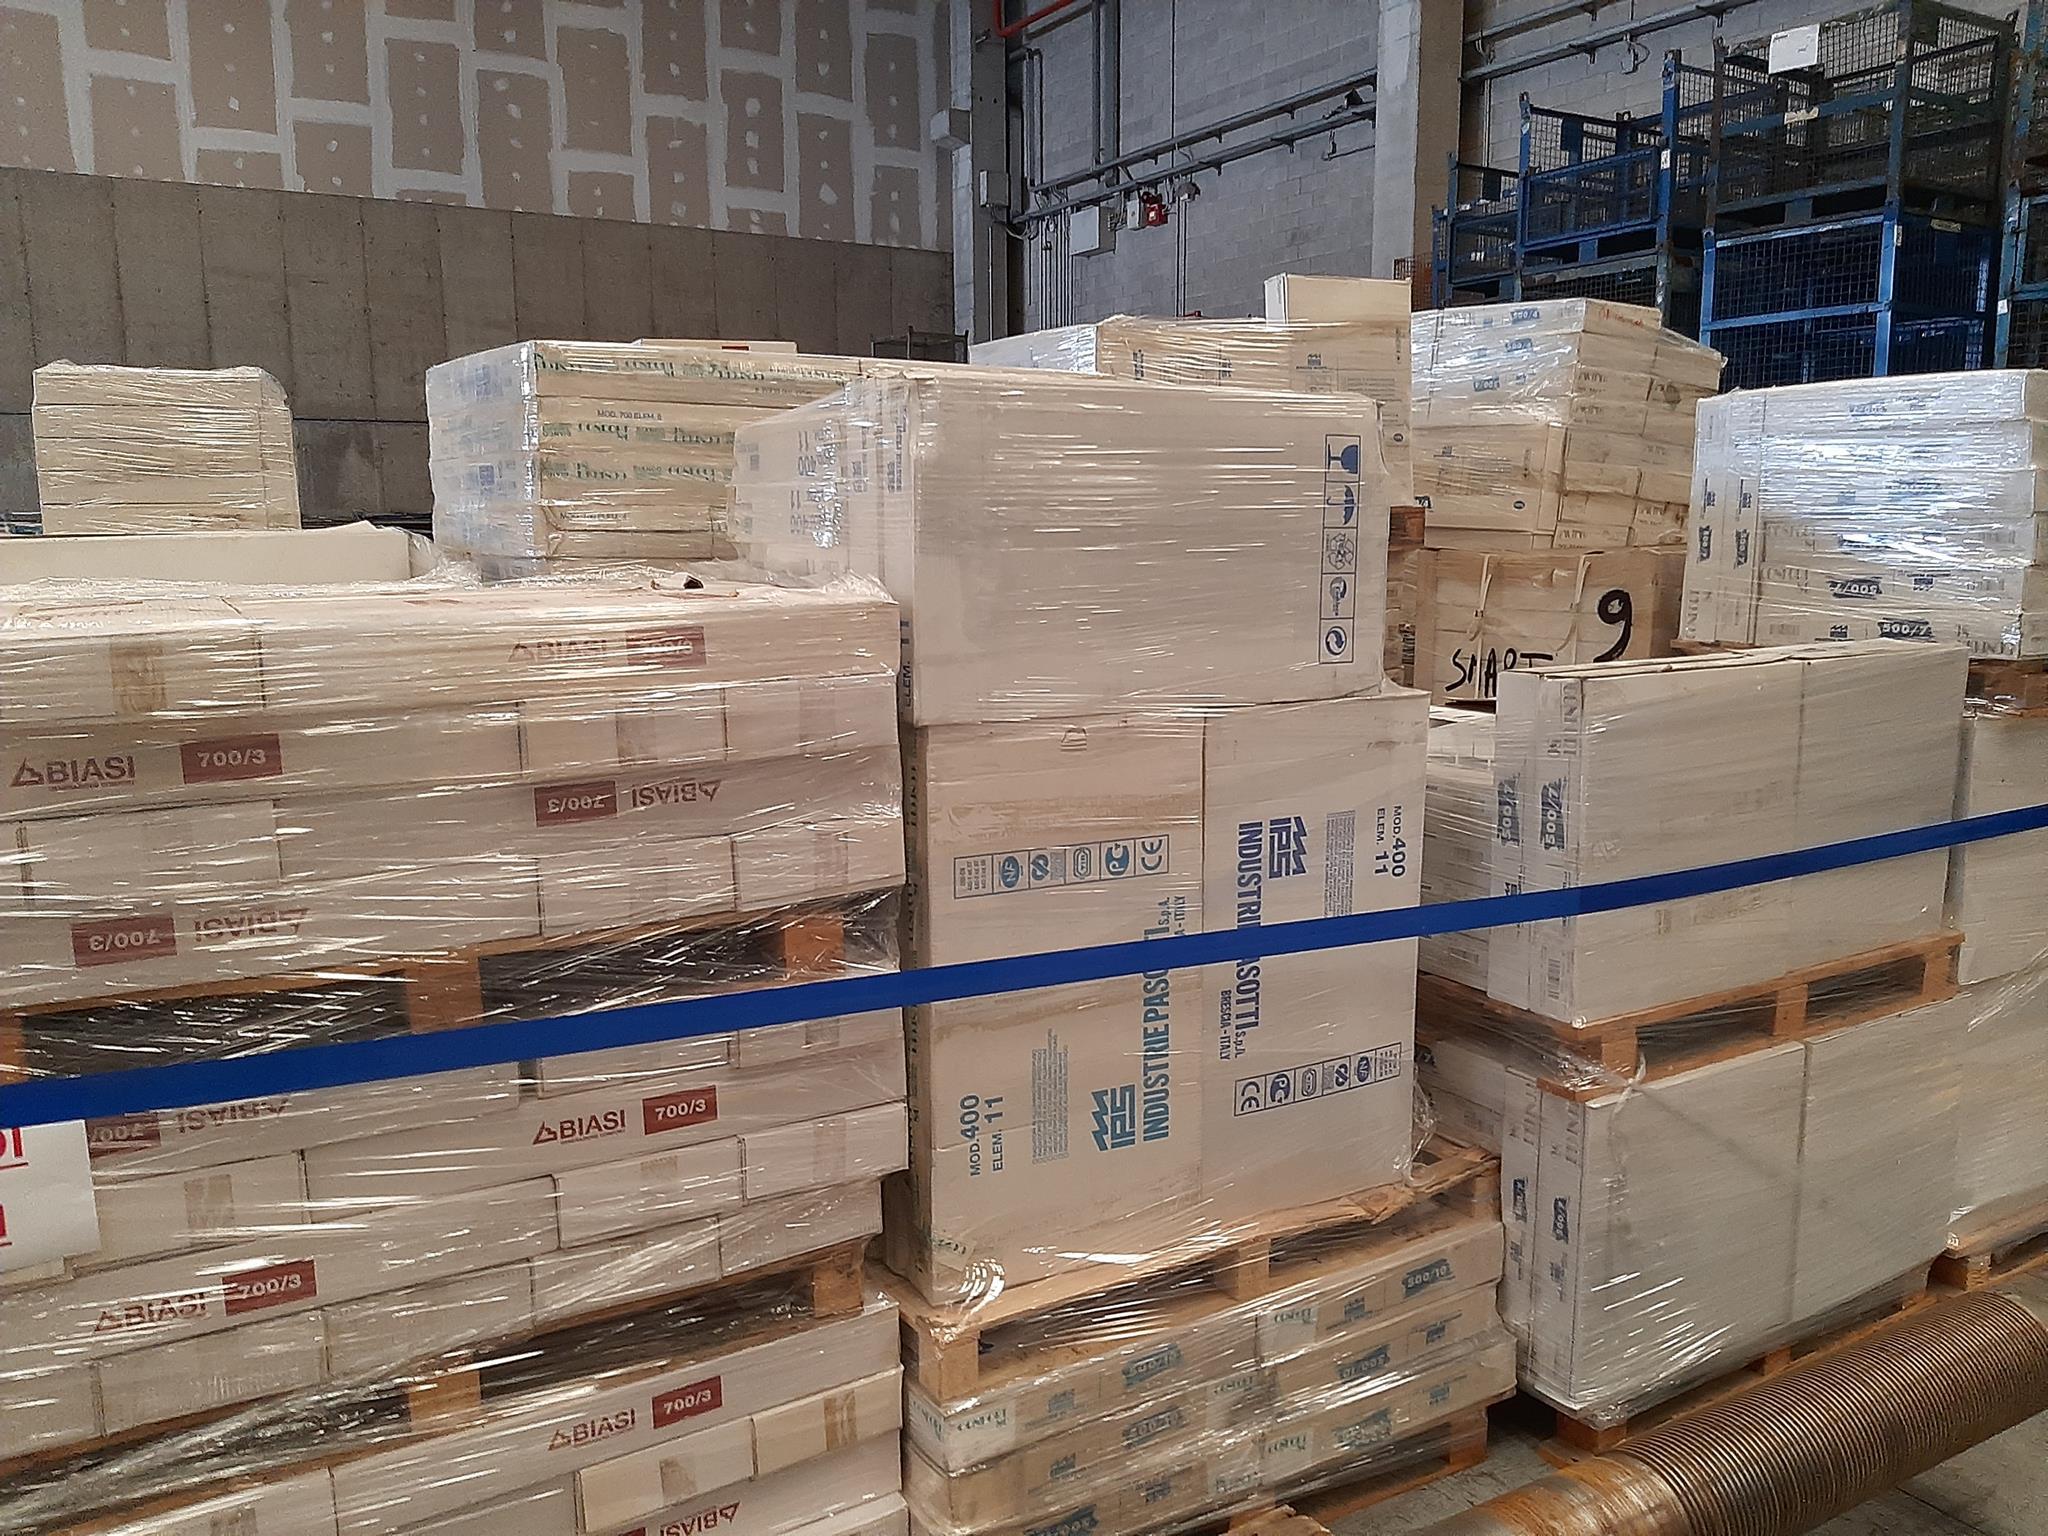 Radiatori e scaldasalviette in alluminio in vendita - foto 4